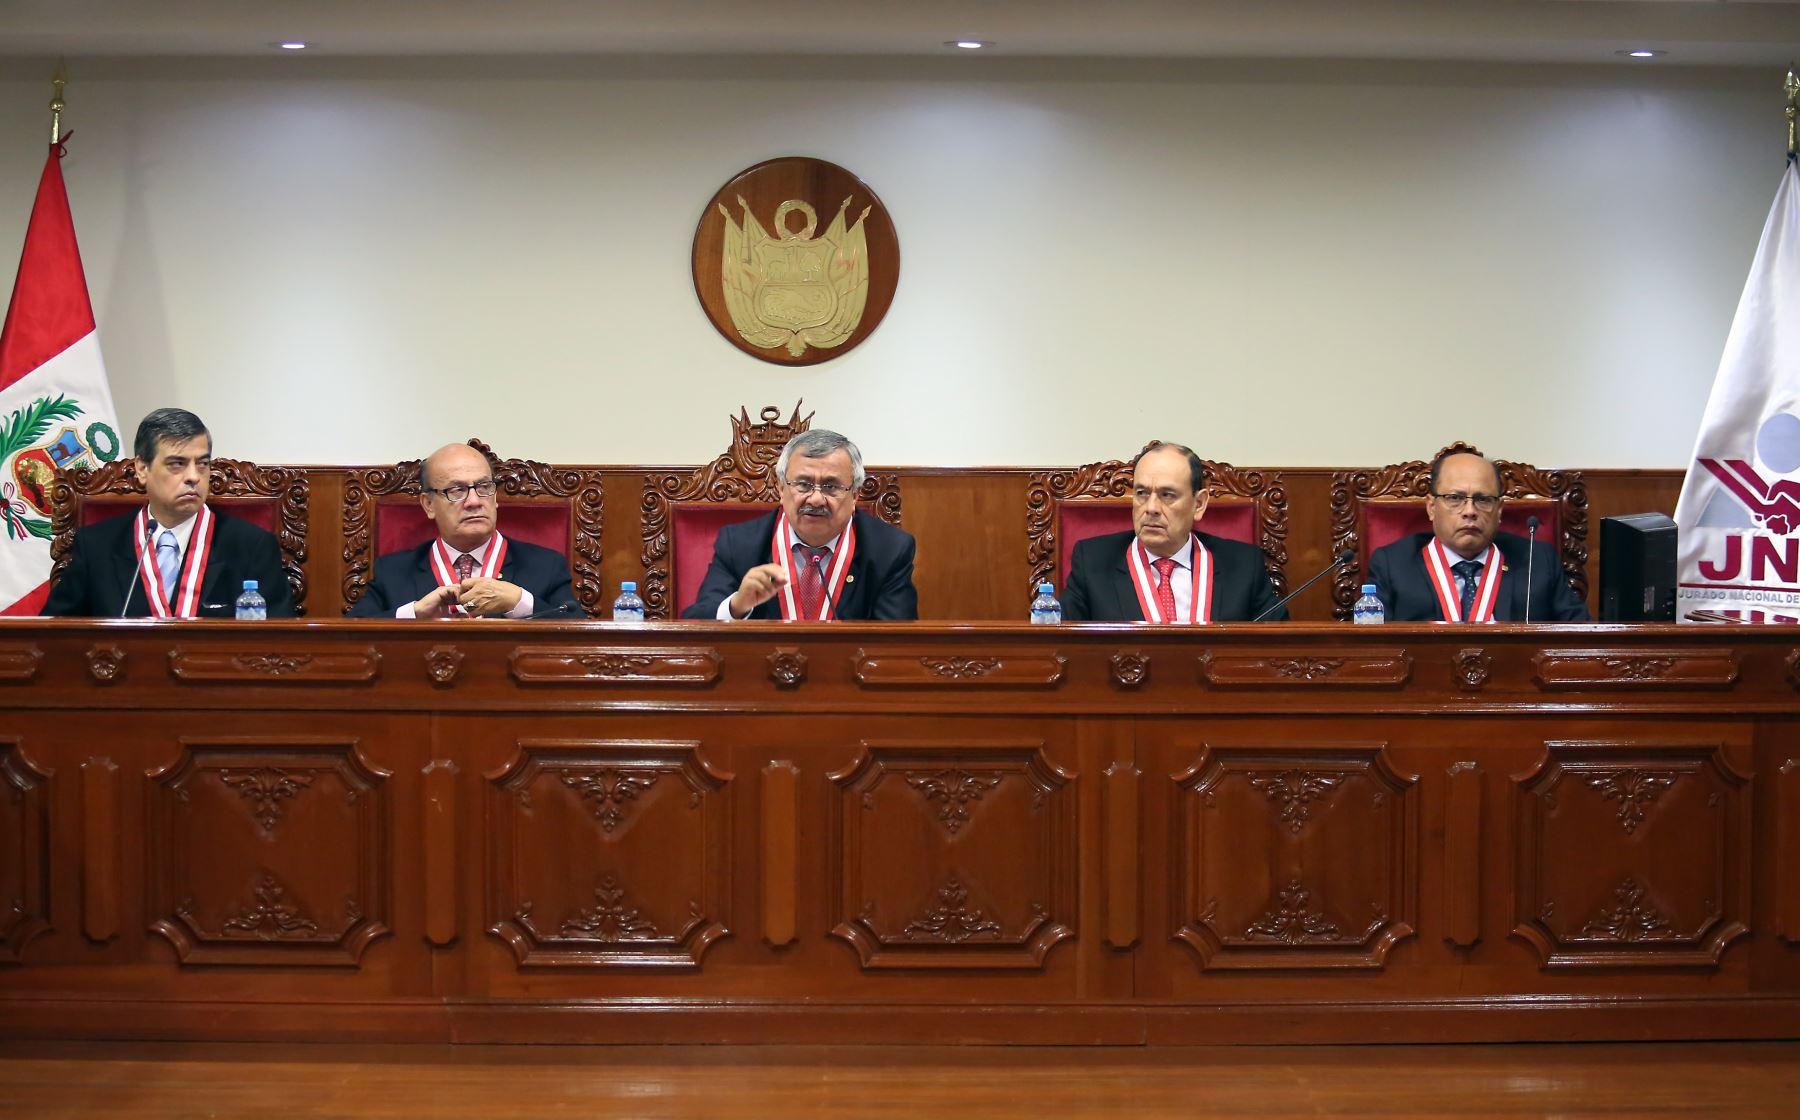 Cortesía Los magistrados integrantes del pleno del Jurado Nacional de Elecciones.